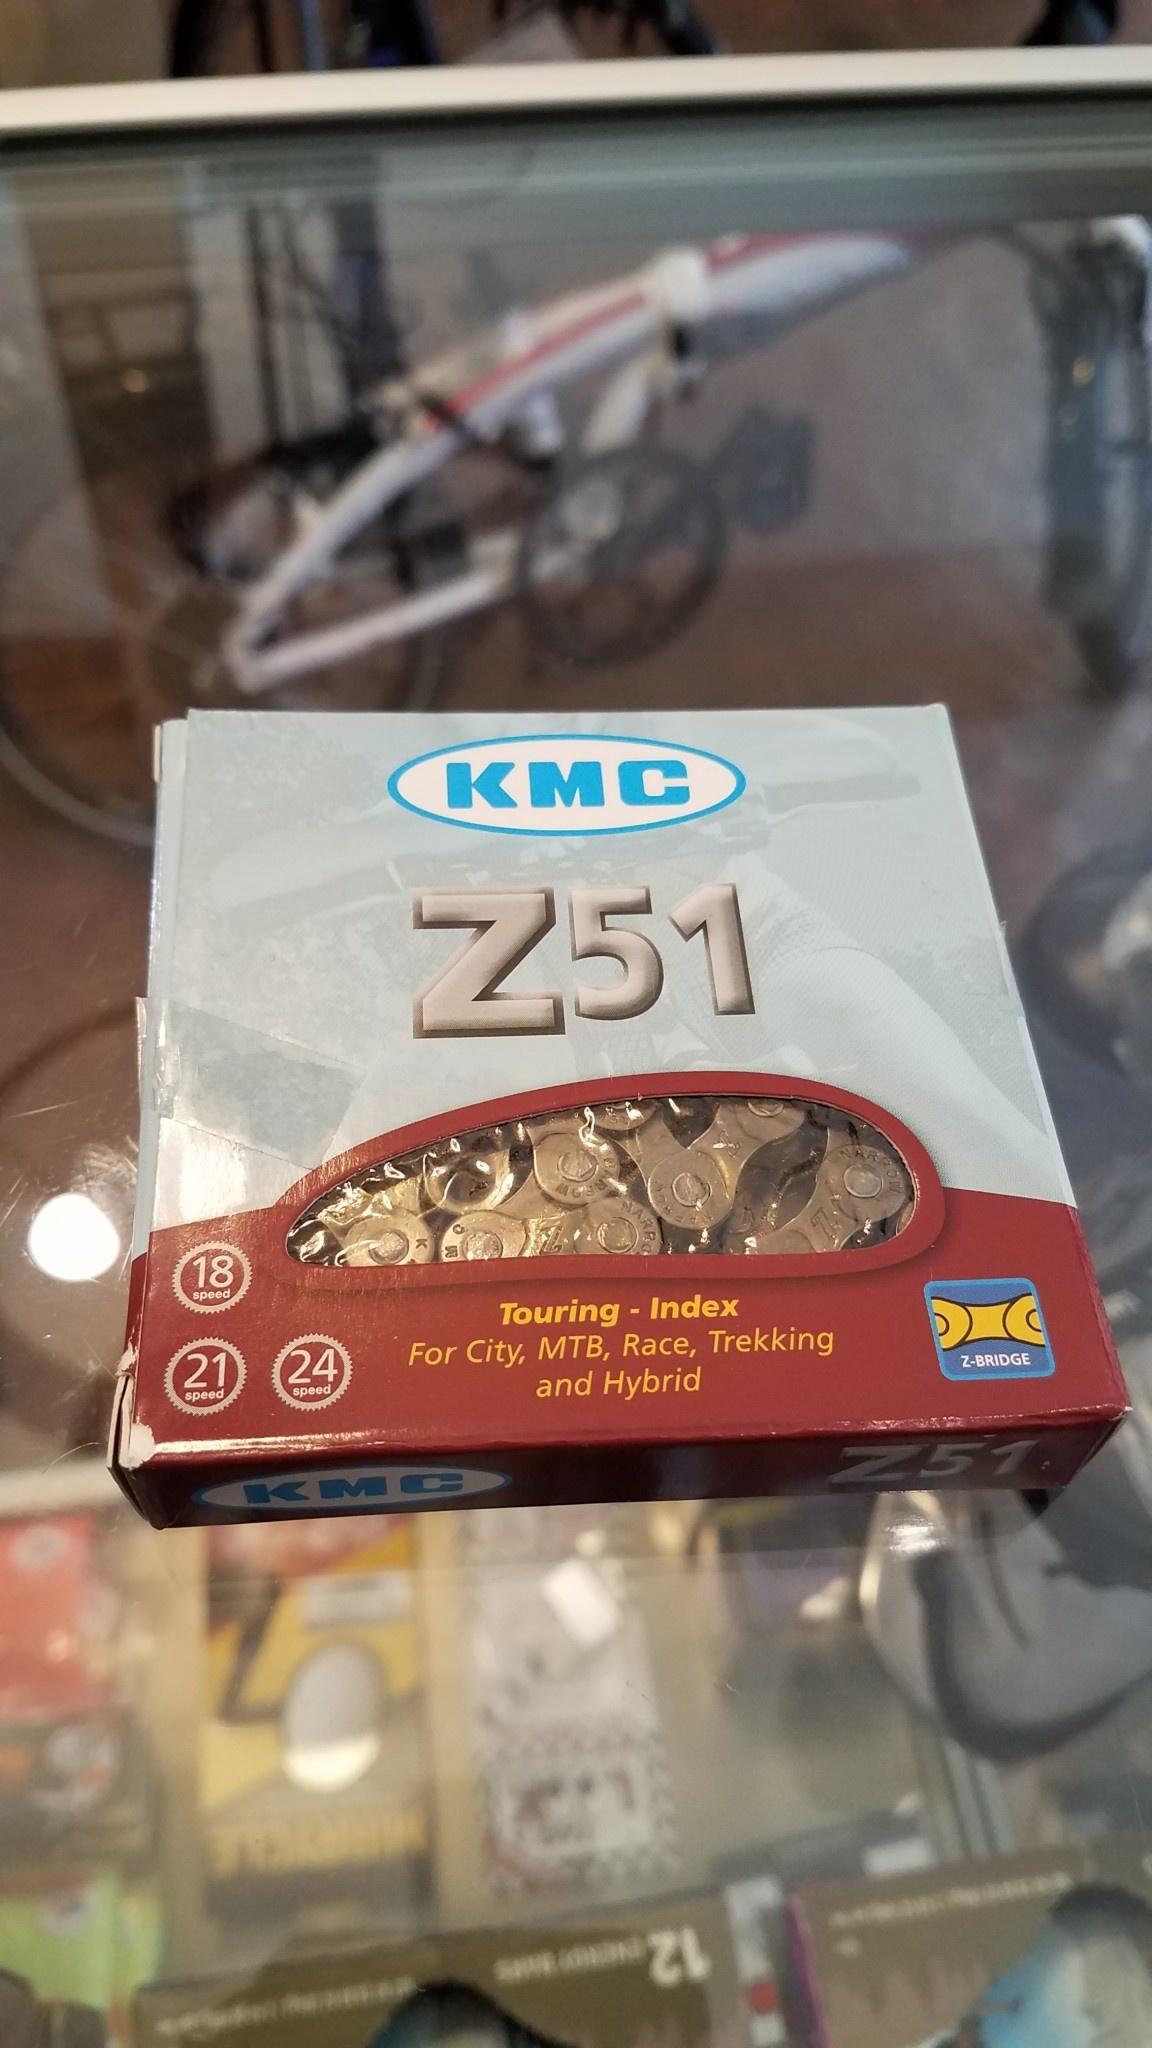 Chain,KMC,Z51